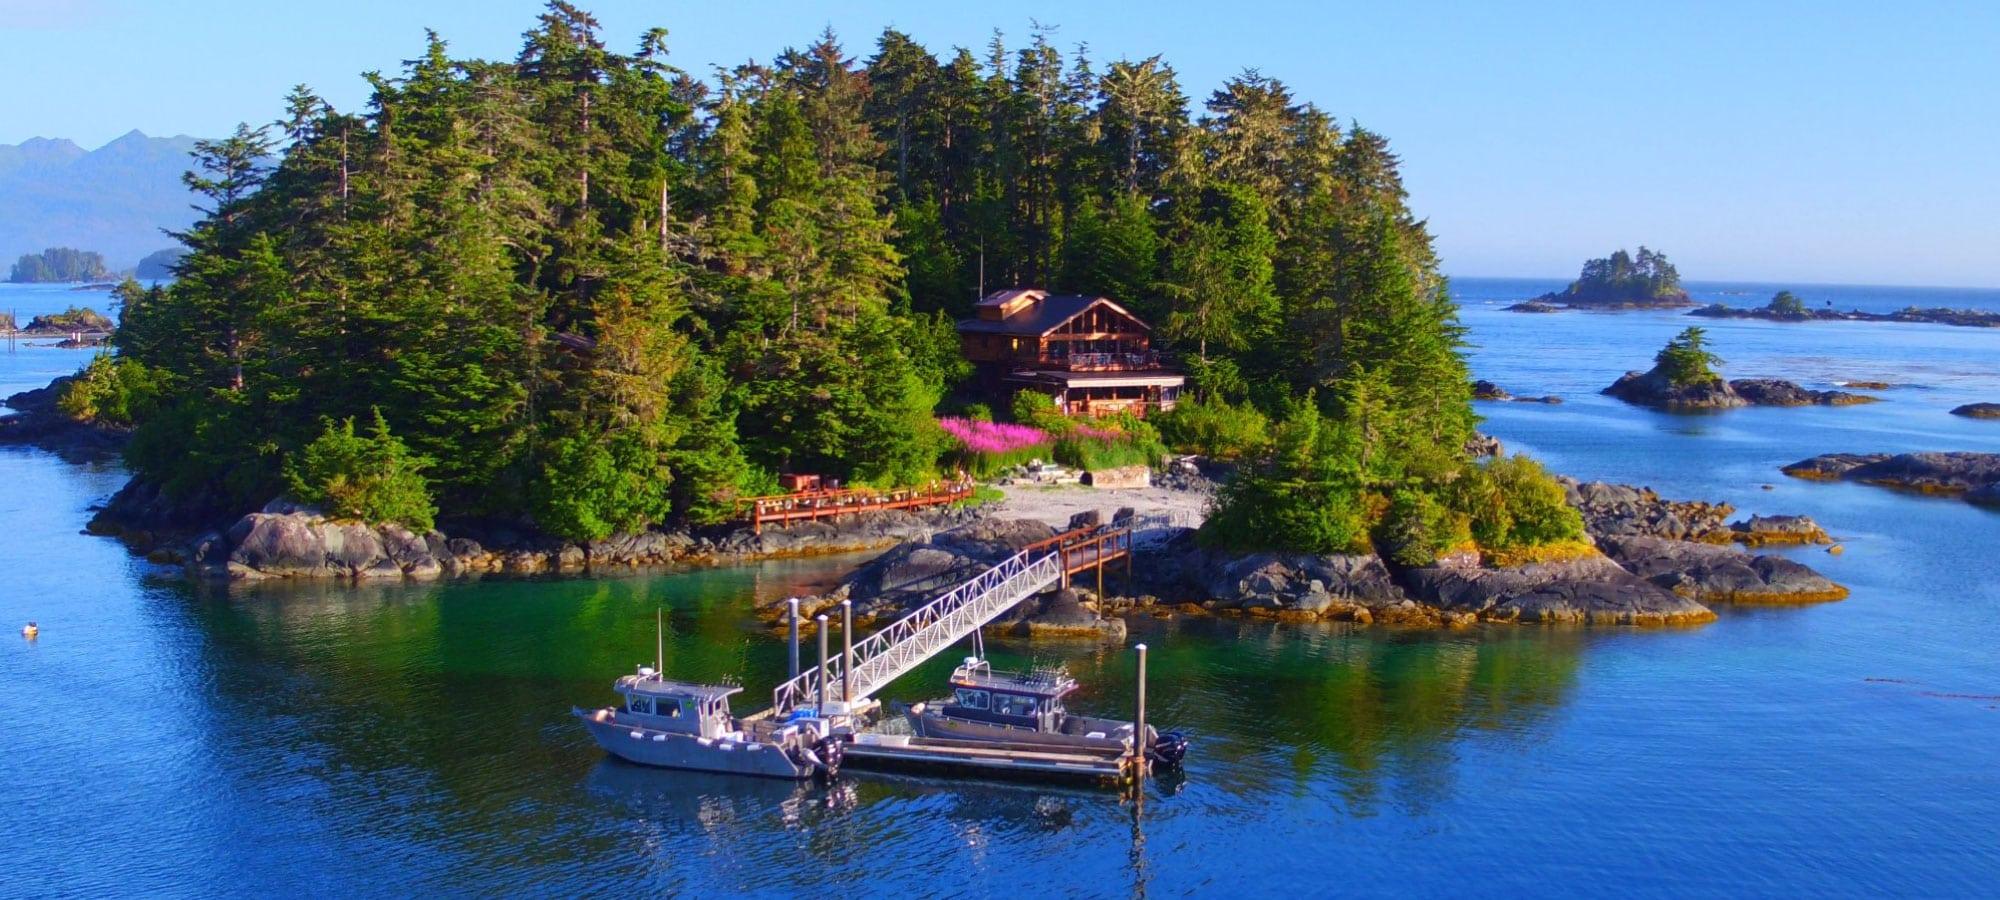 Charter Phone Service >> Lodges - Visit Sitka